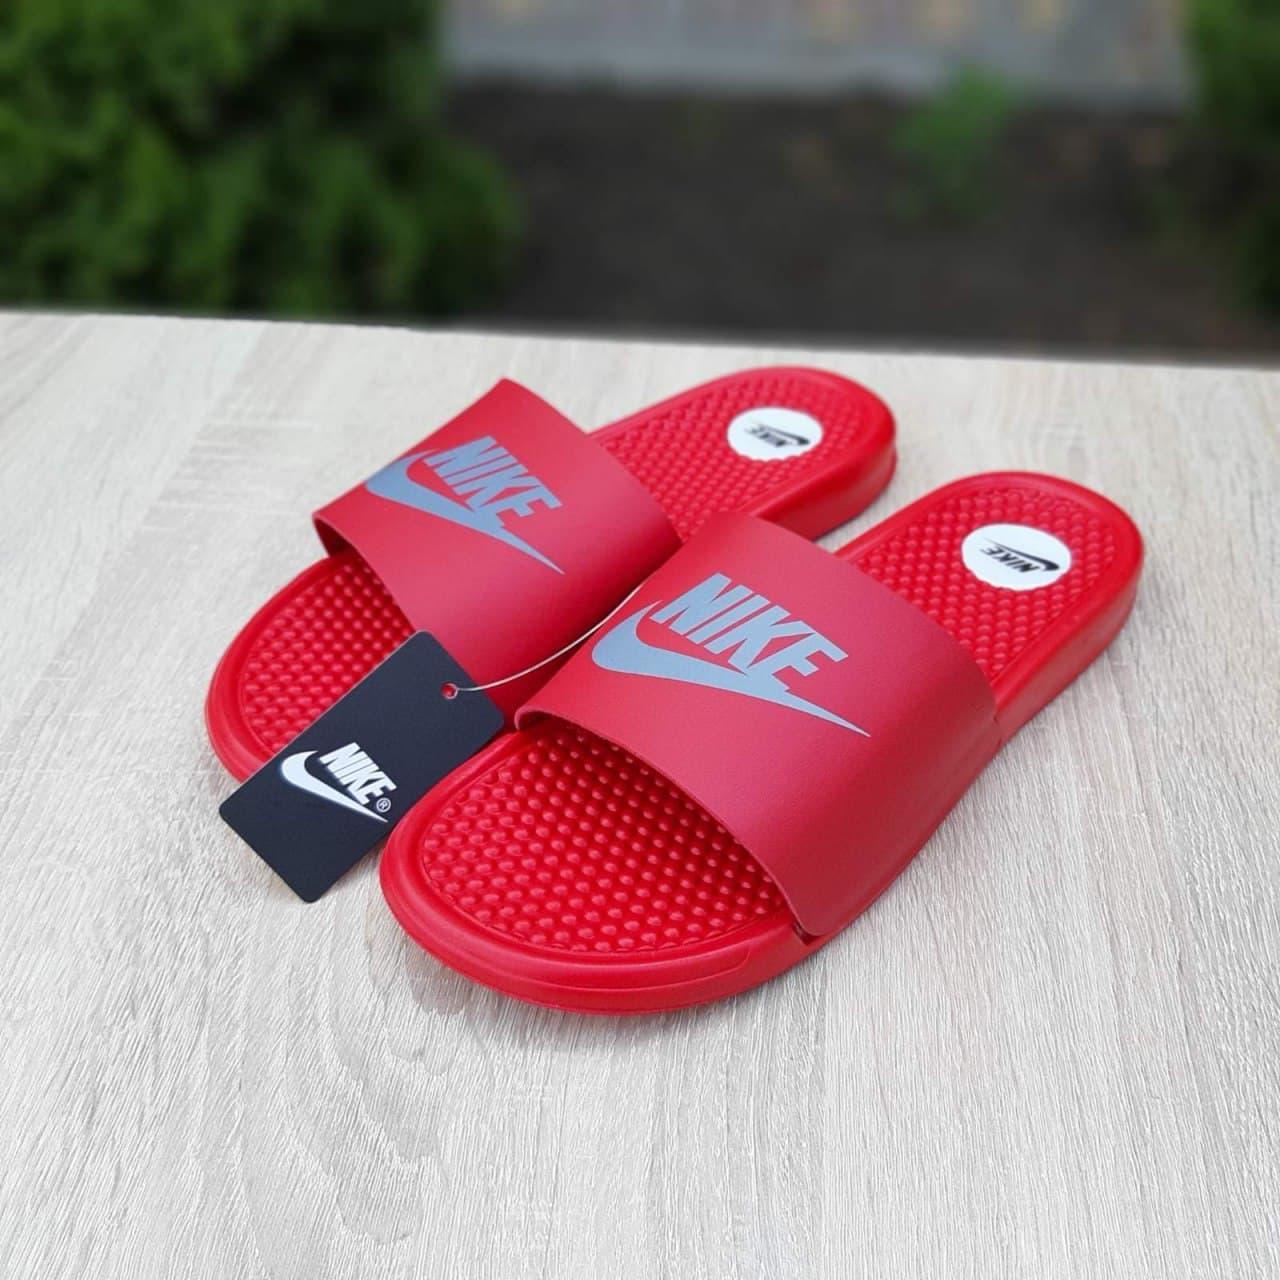 Мужские шлепки Nike (красные) О40040 рефлективные массажные удобные тапочки